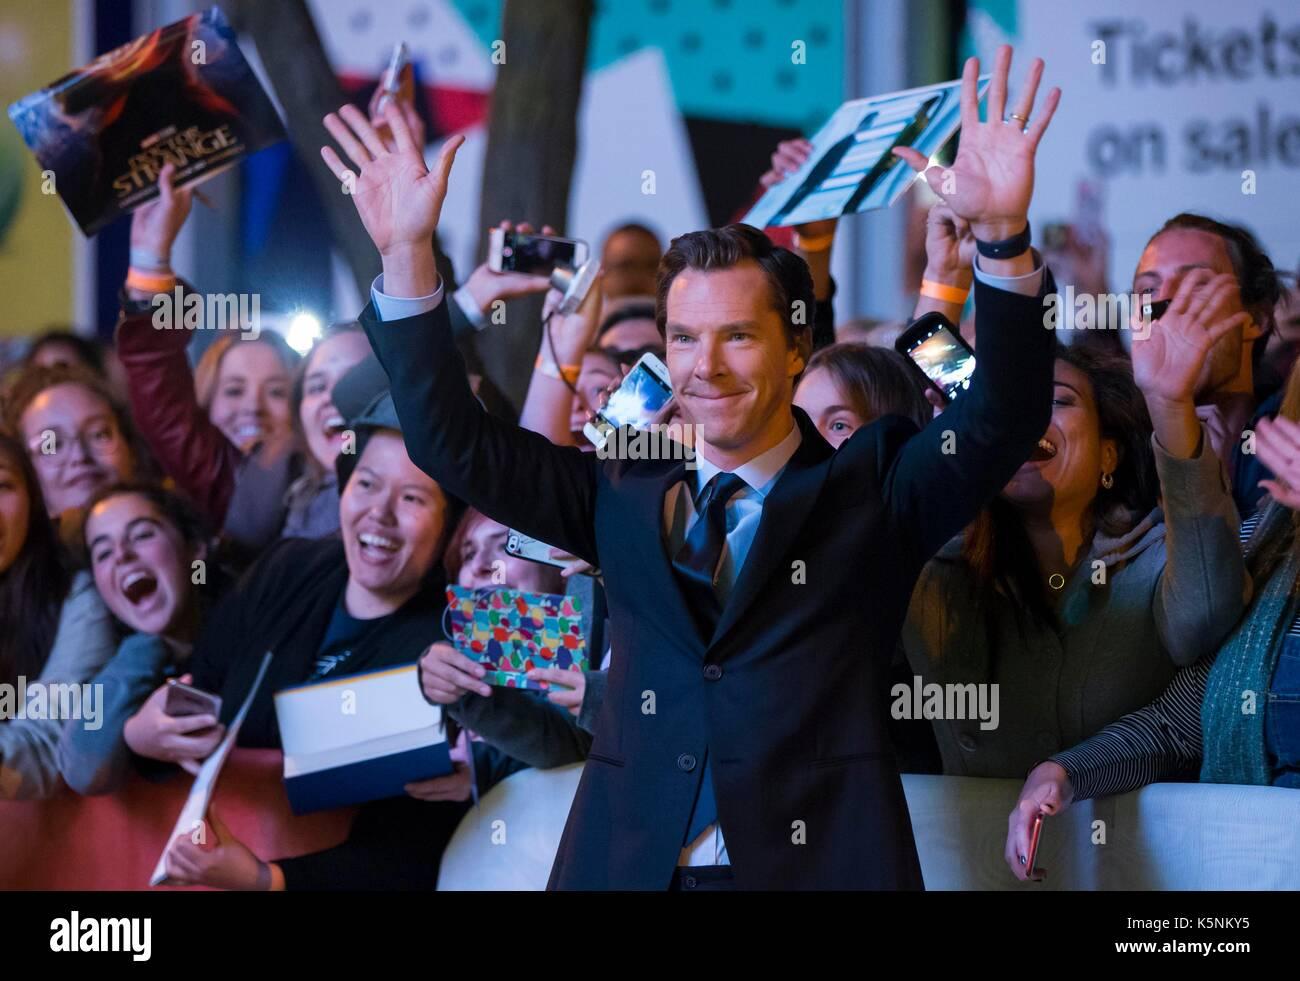 """Toronto, Canadá. 9 sep, 2017. El actor benedict cumberbatch (delantero), posa para las fotos con los aficionados como a la que asiste el estreno mundial de la película """"La guerra actual' en el Princess of Wales Theatre durante el 2017 festival internacional de cine de Toronto en Toronto, Canadá, sept. 9, 2017. Crédito: zou zheng/xinhua/alamy live news Imagen De Stock"""